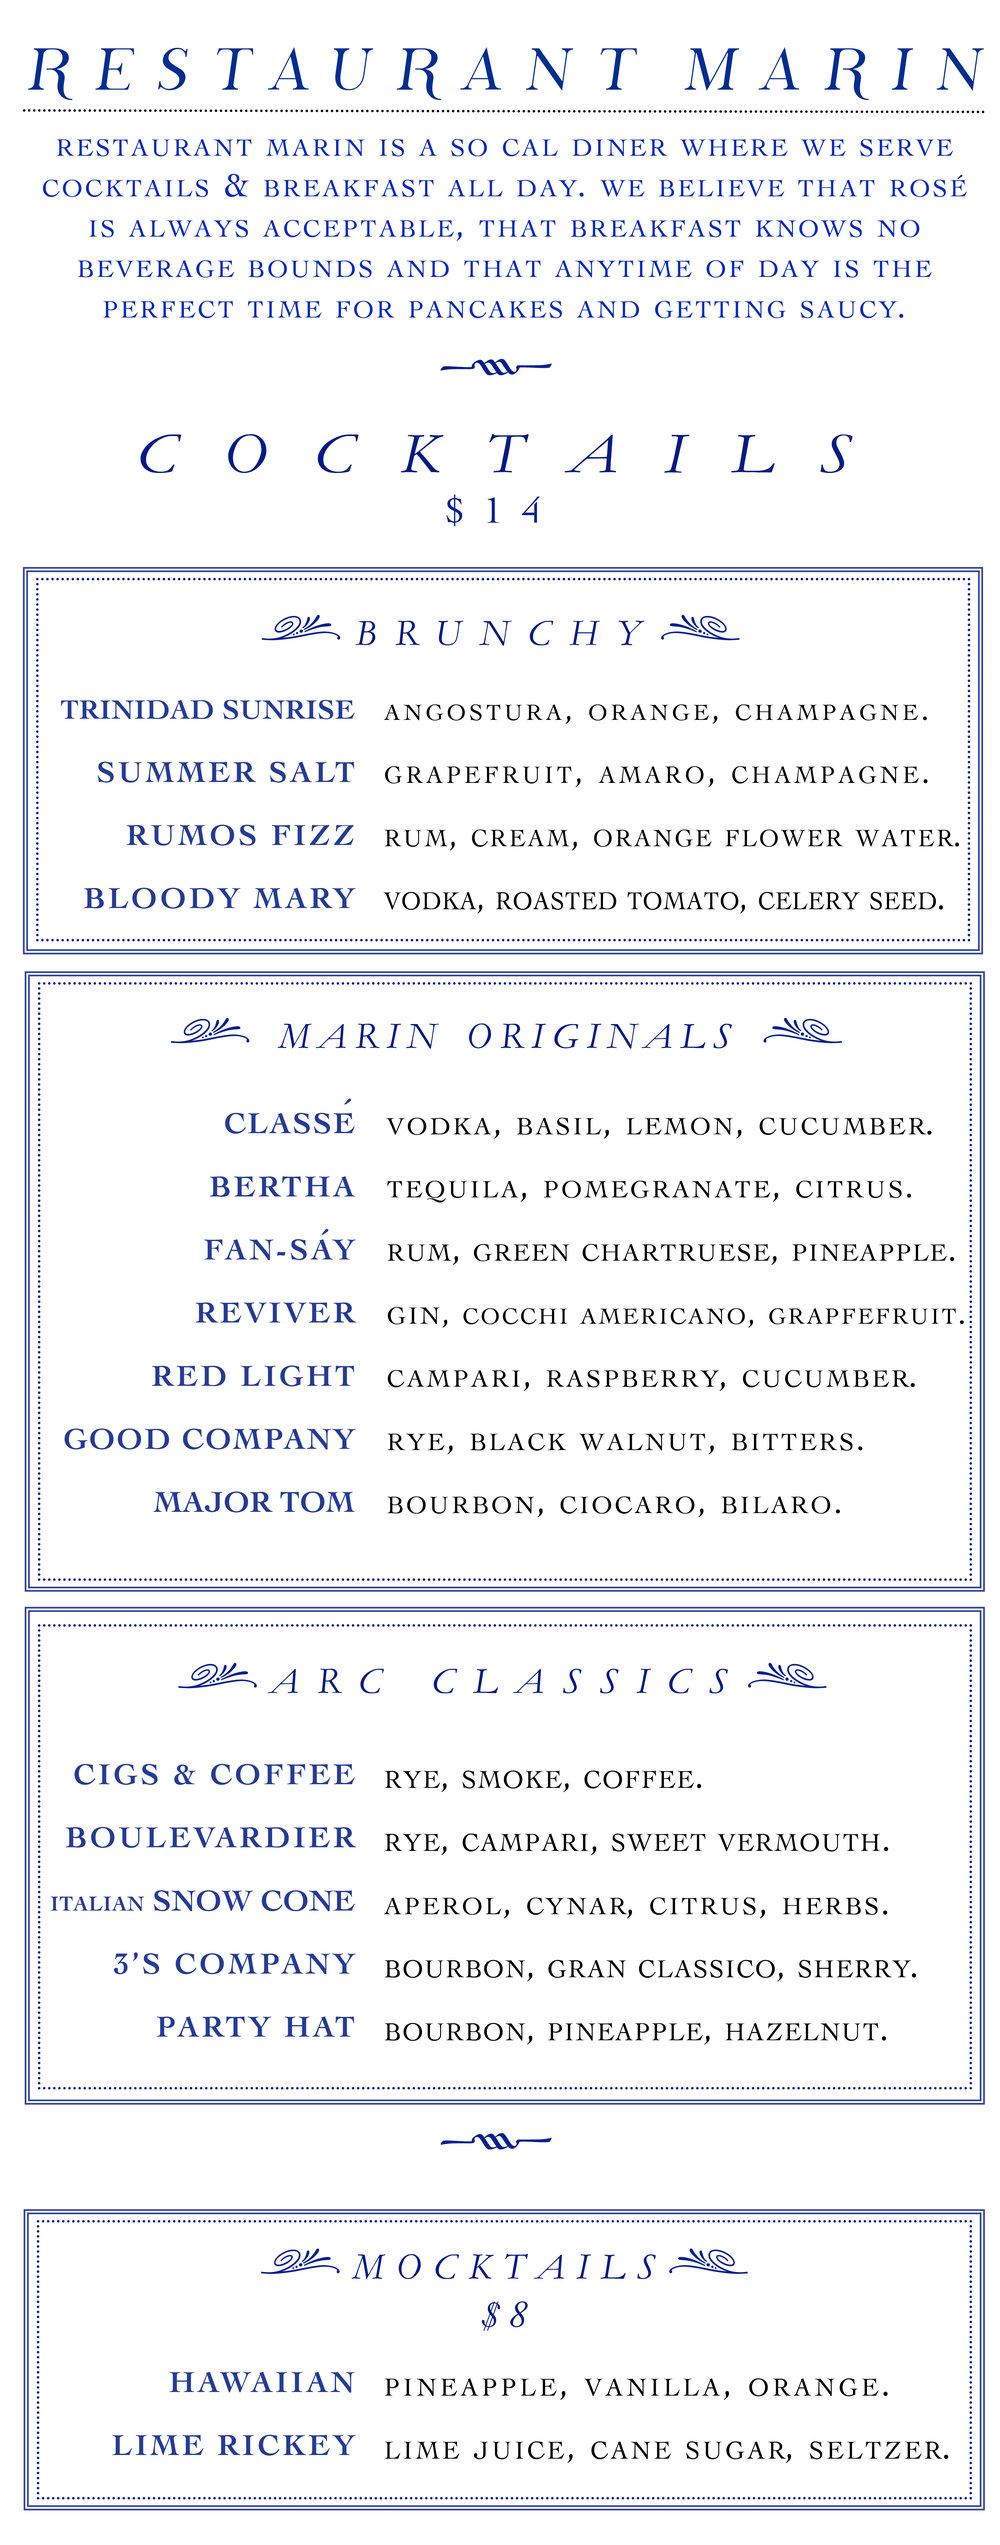 restaurant marin cocktails 8-4-2017